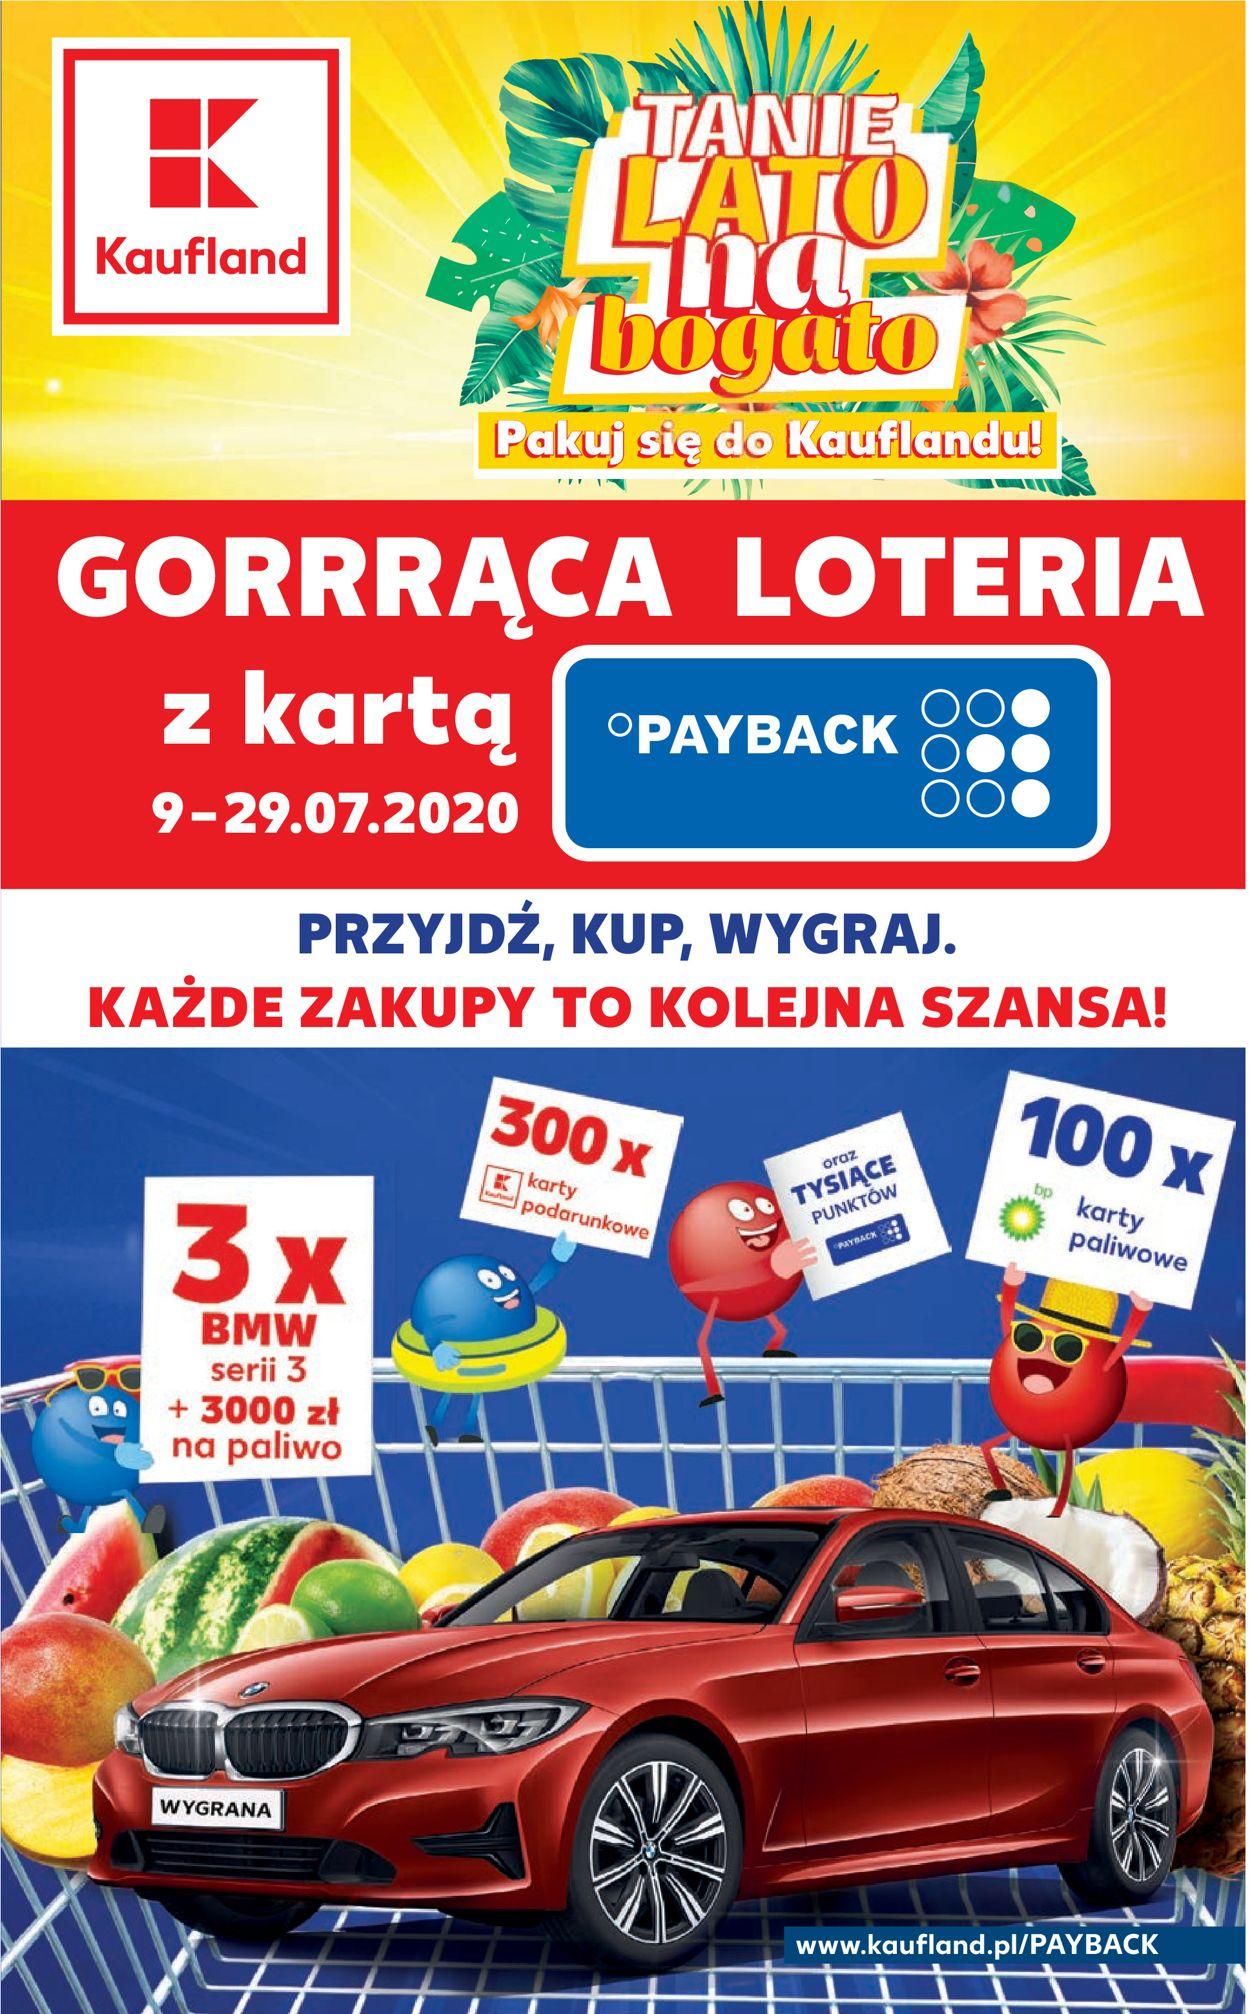 Gazetka promocyjna Kaufland - 09.07-15.07.2020